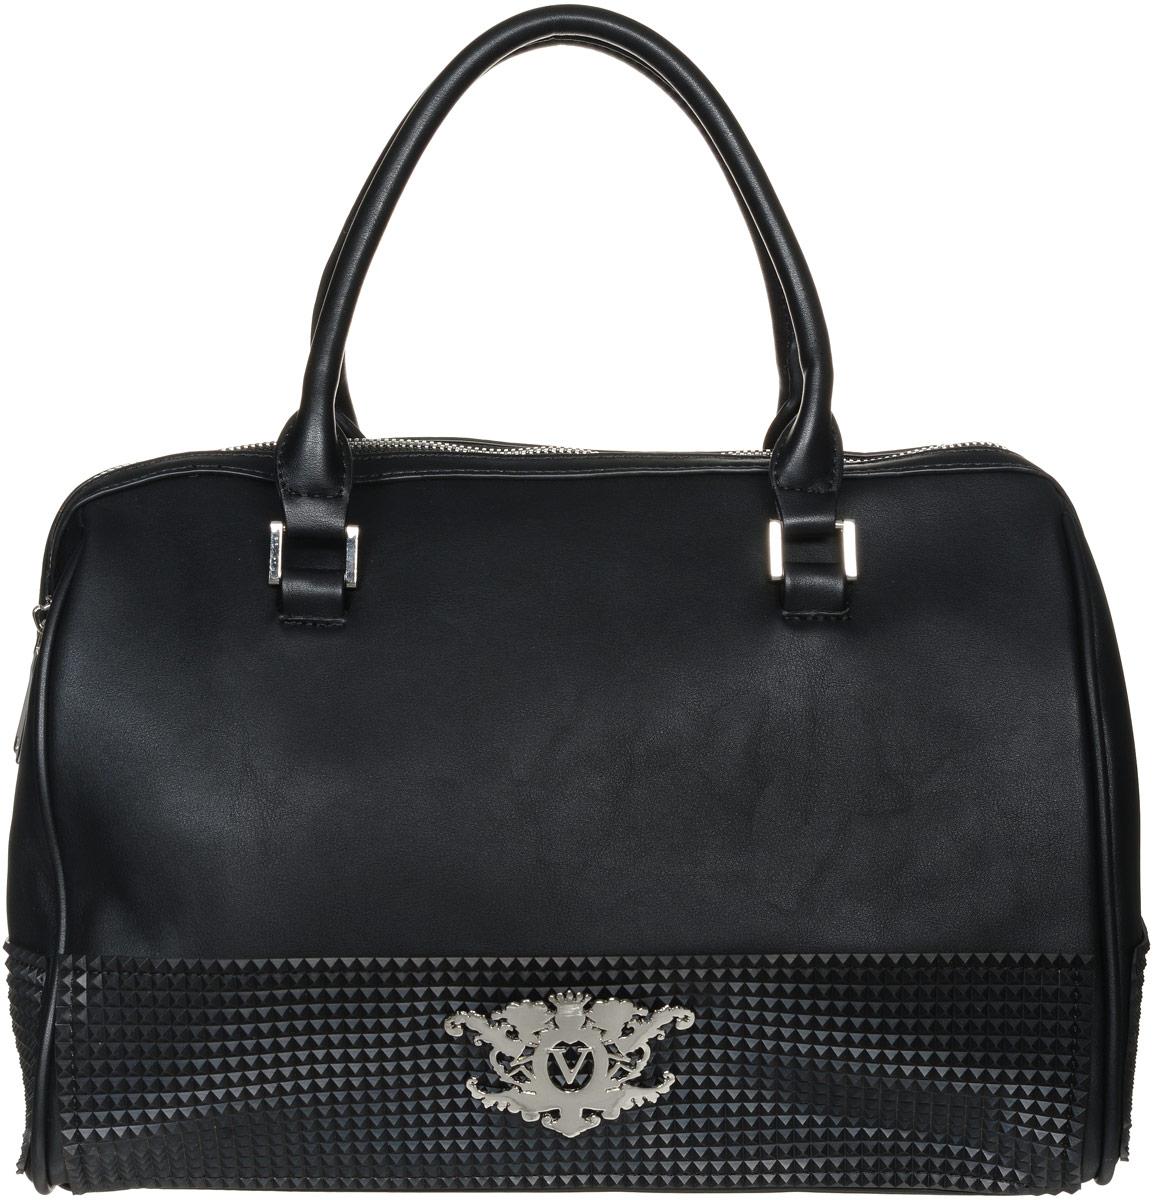 Сумка женская Vitacci, цвет: черный. V1156V1156Изысканная женская сумка Vitacci идеально дополнит ваш образ. Она изготовлена из качественной искусственной кожи и оформлена фактурными резиновыми нашивками. Лицевая часть оформлена металлической пластинкой с логотипом бренда. На тыльной стороне расположен вшитый карман на молнии. Сумка оснащена удобными ручками и закрывается на удобную молнию. Внутри расположено главное отделение, которое разделяет карман-средник на молнии. Также внутри находятся два открытых накладных кармана для телефона и мелочей и один вшитый карман на молнии. Изделие оснащено съемным регулируемым плечевым ремнем, который фиксируется с помощью замков-карабинов. Также сумка дополнена металлическими ножками, которые предотвратят повреждение дна сумки. Роскошная и модная сумка внесет элегантные нотки в ваш образ и подчеркнет ваш неповторимый стиль.